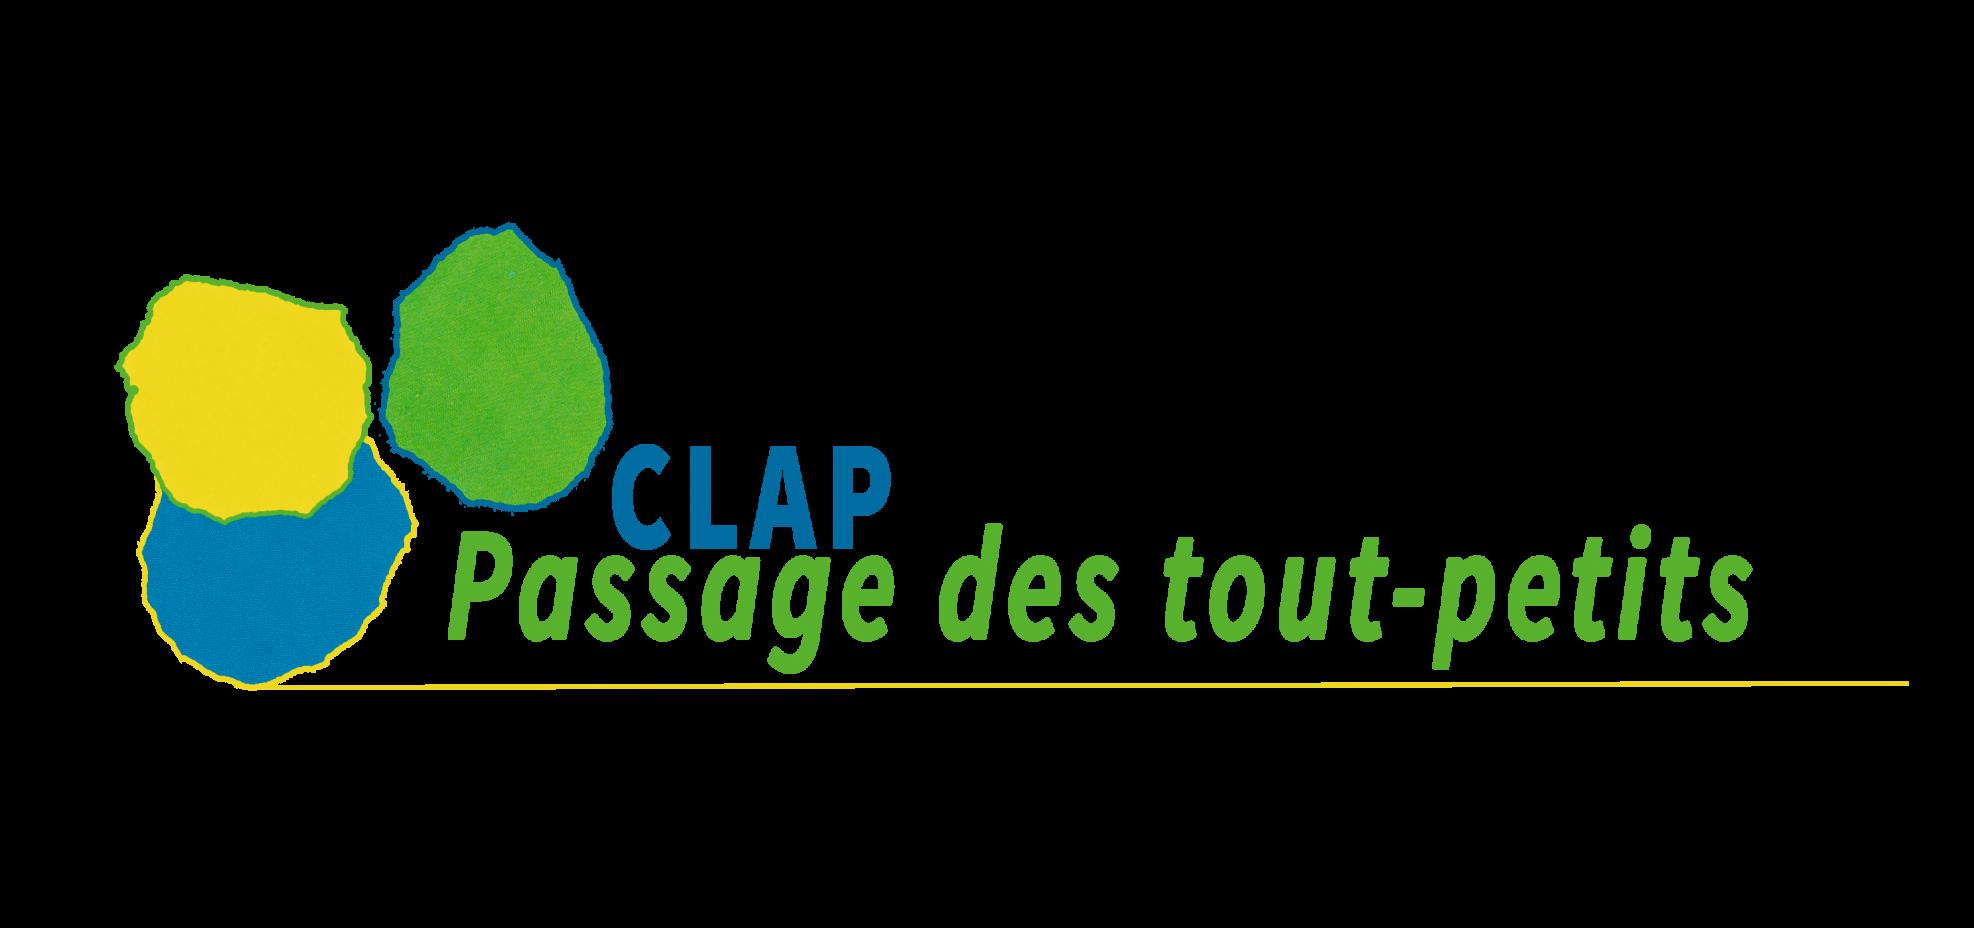 CLAP – Passage des tout-petits Logo